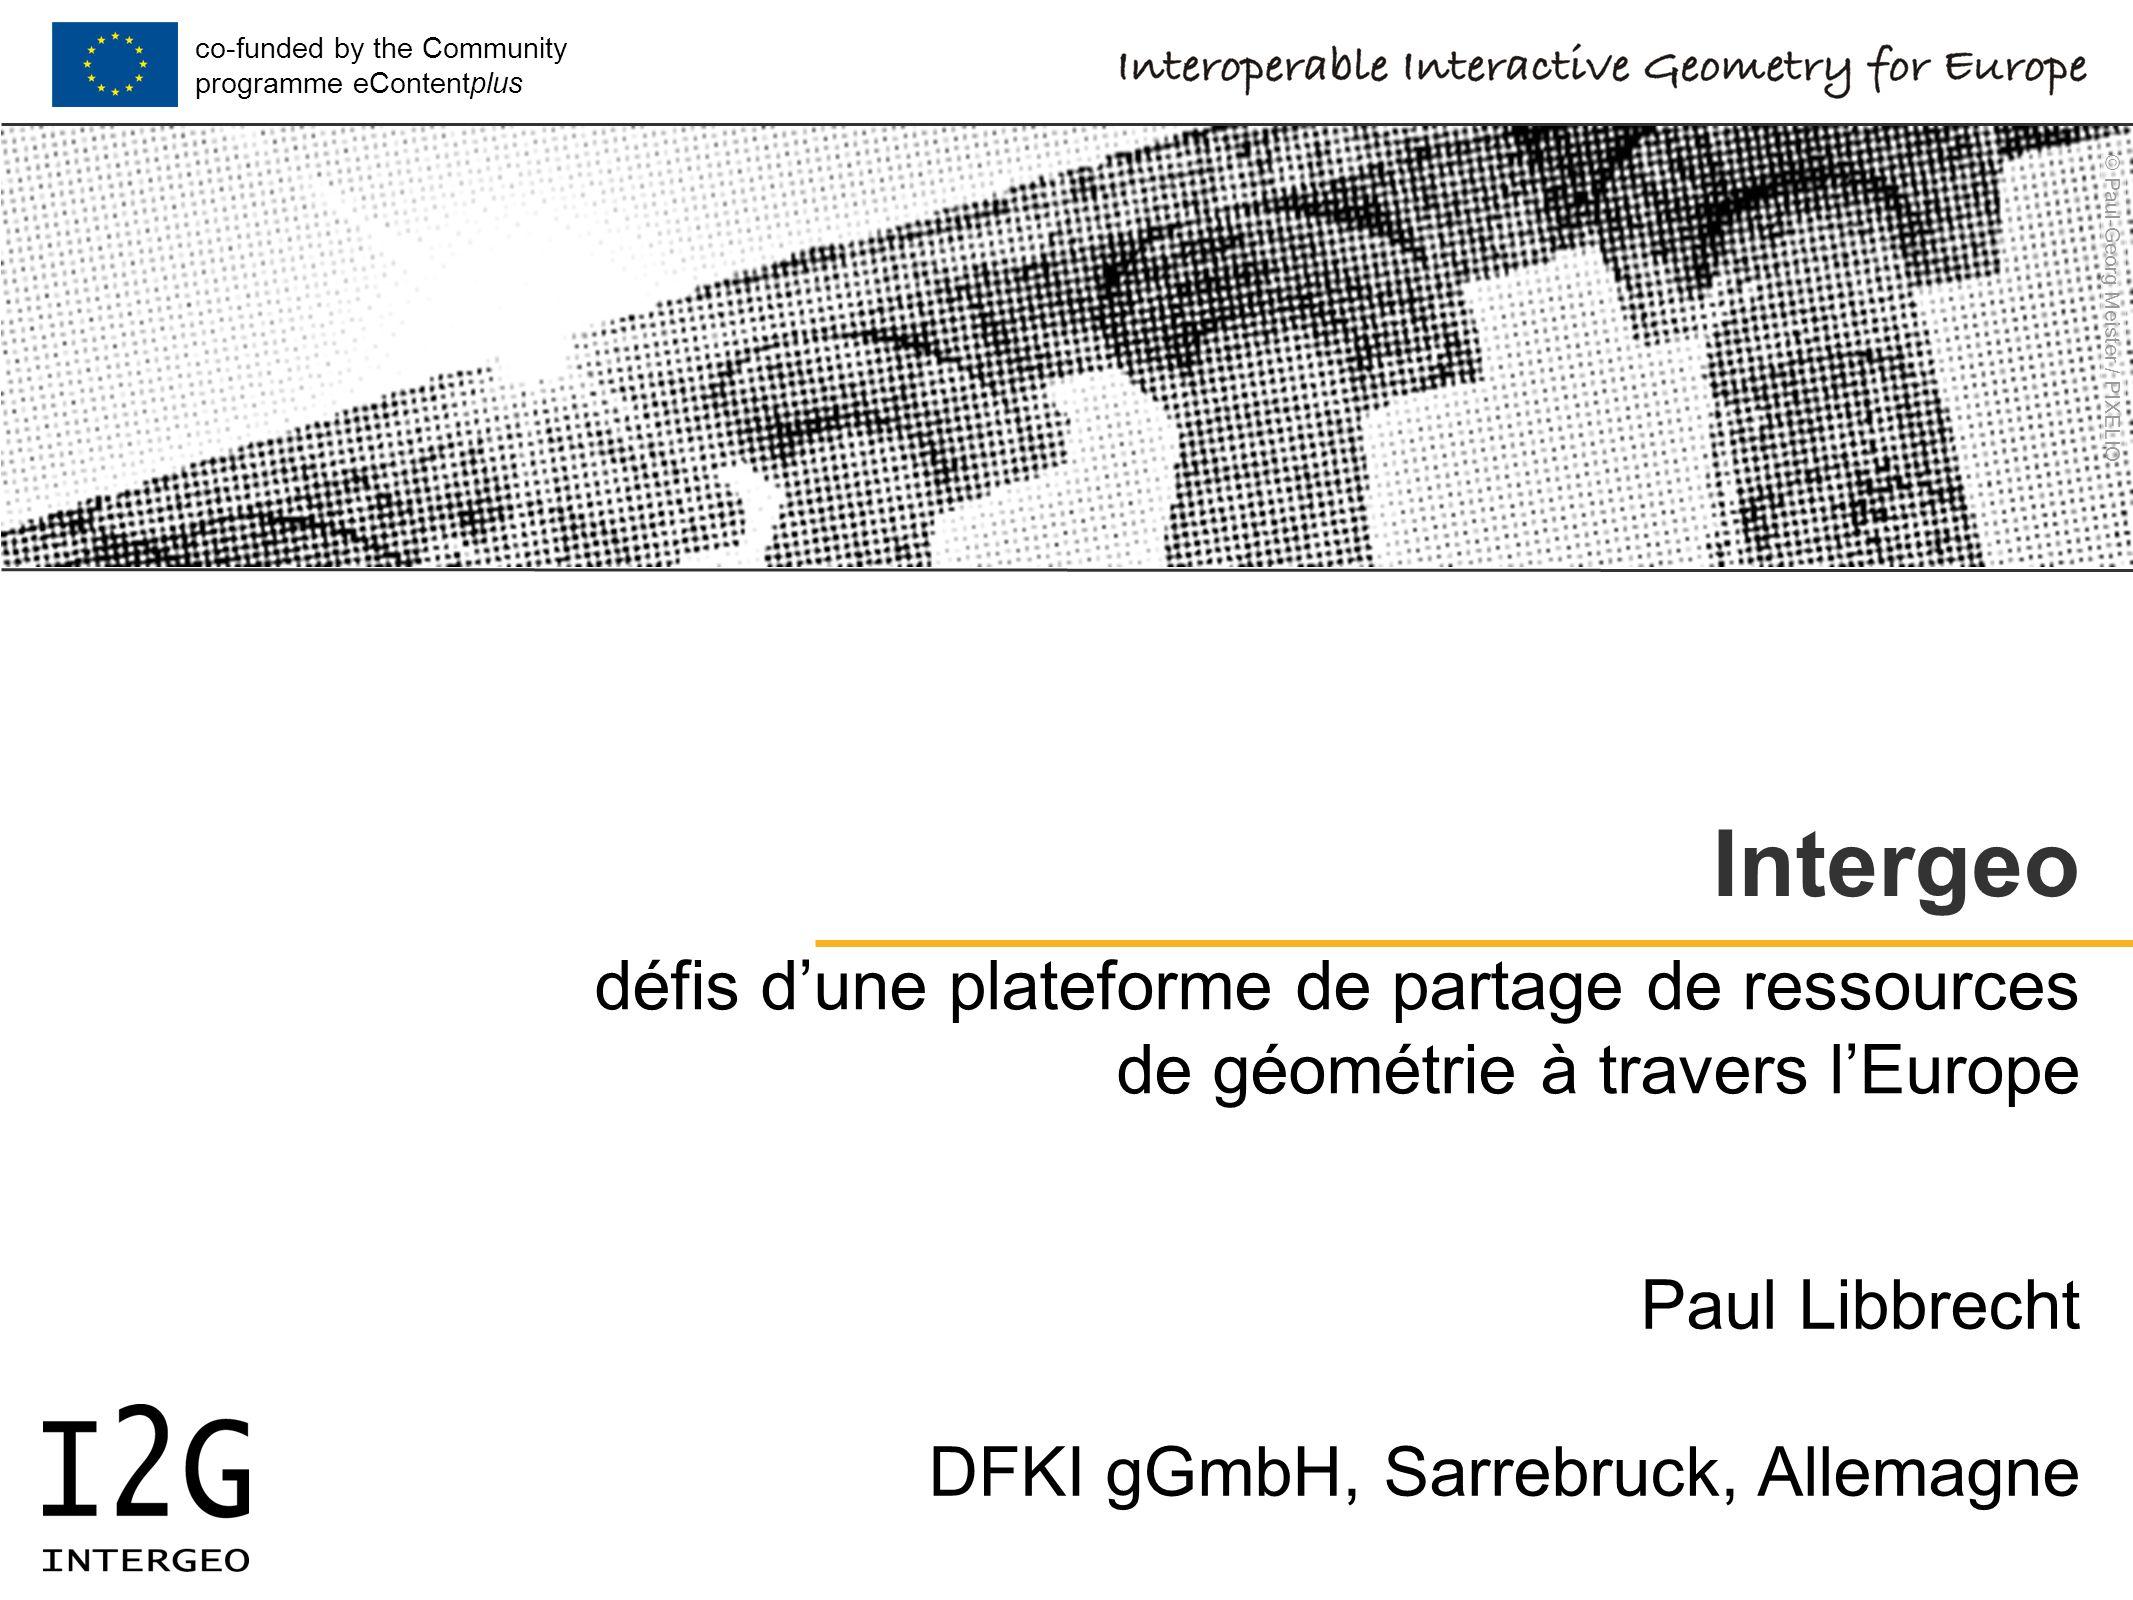 2010-02-03 ActiveMath Seminar© Paul Libbrecht, DFKI GmbH - CC-BY-SAPaul Libbrecht12 une ressource Intergeo nombreux types URLs, fichiers, vidéos, textes services pour chacun (modifications, affichage...) métadonnées simple auteur, description, titre...